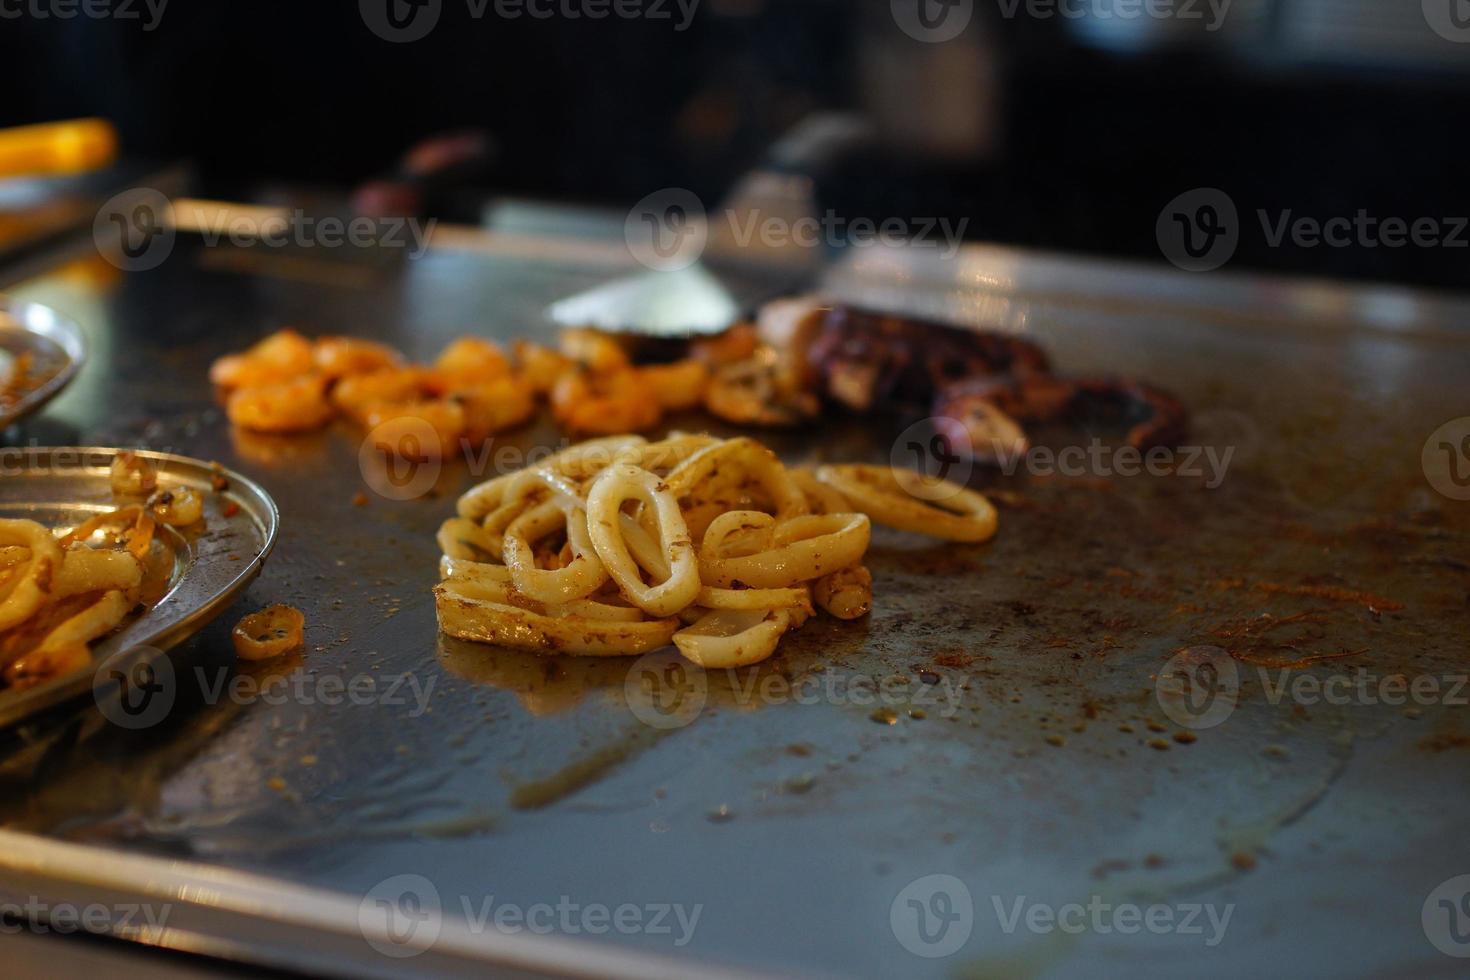 skaldjur och dess beredning. foto